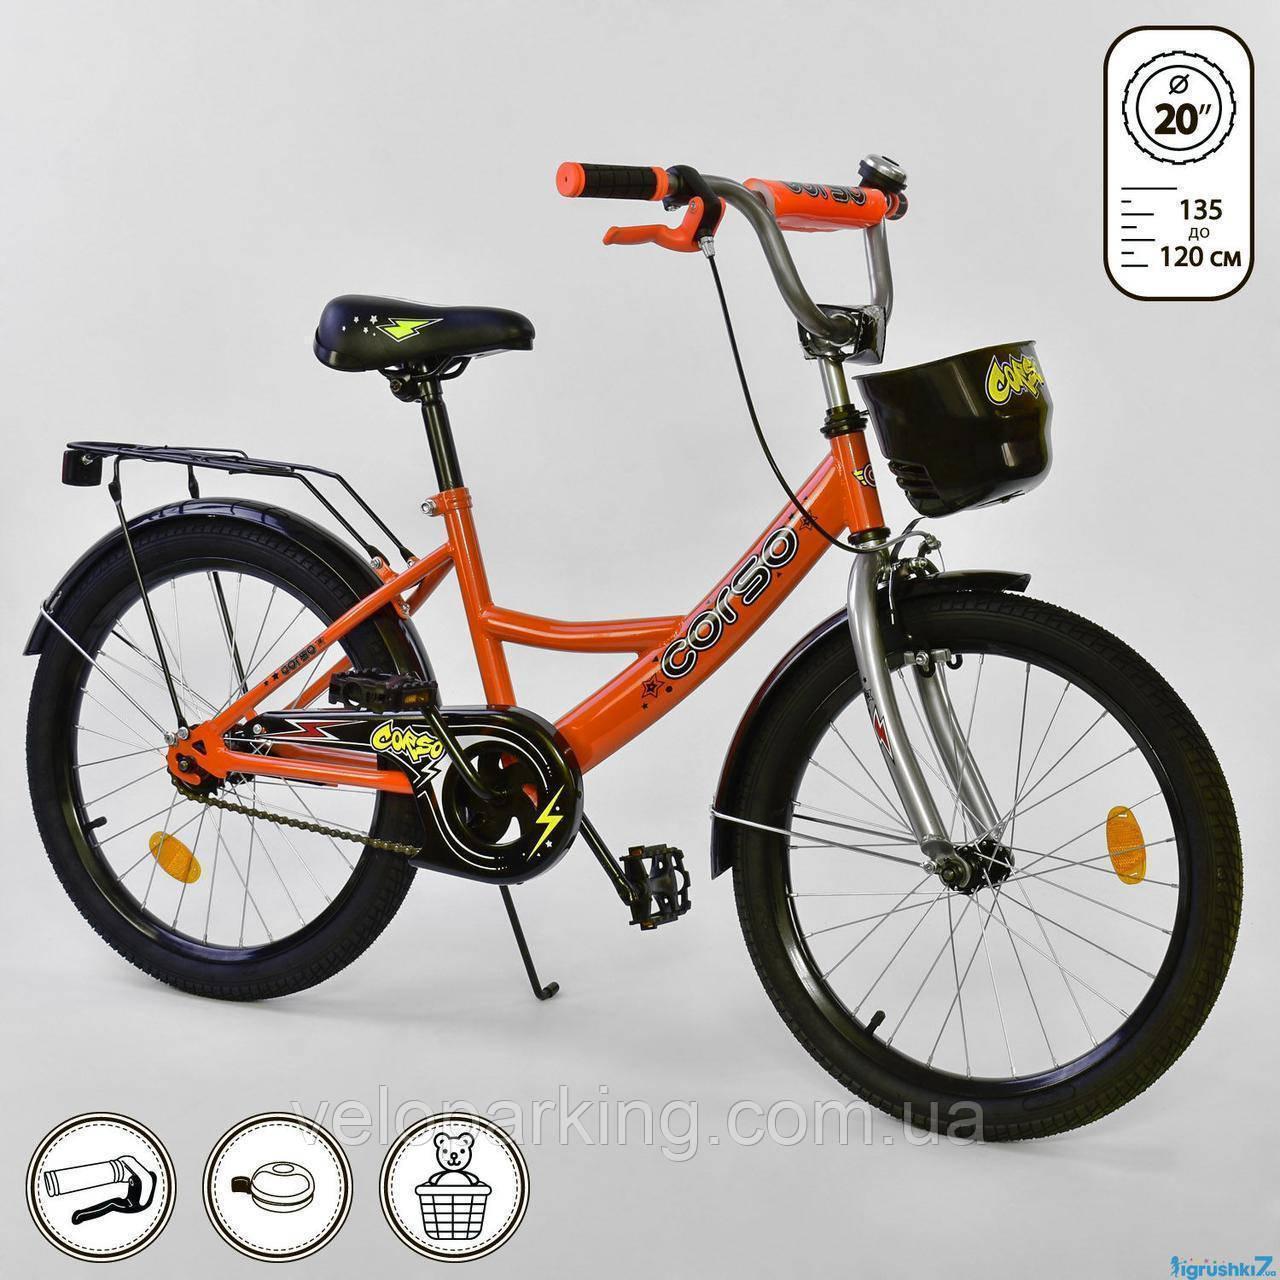 Детский велосипед Corso 20 дюймов (2019) new